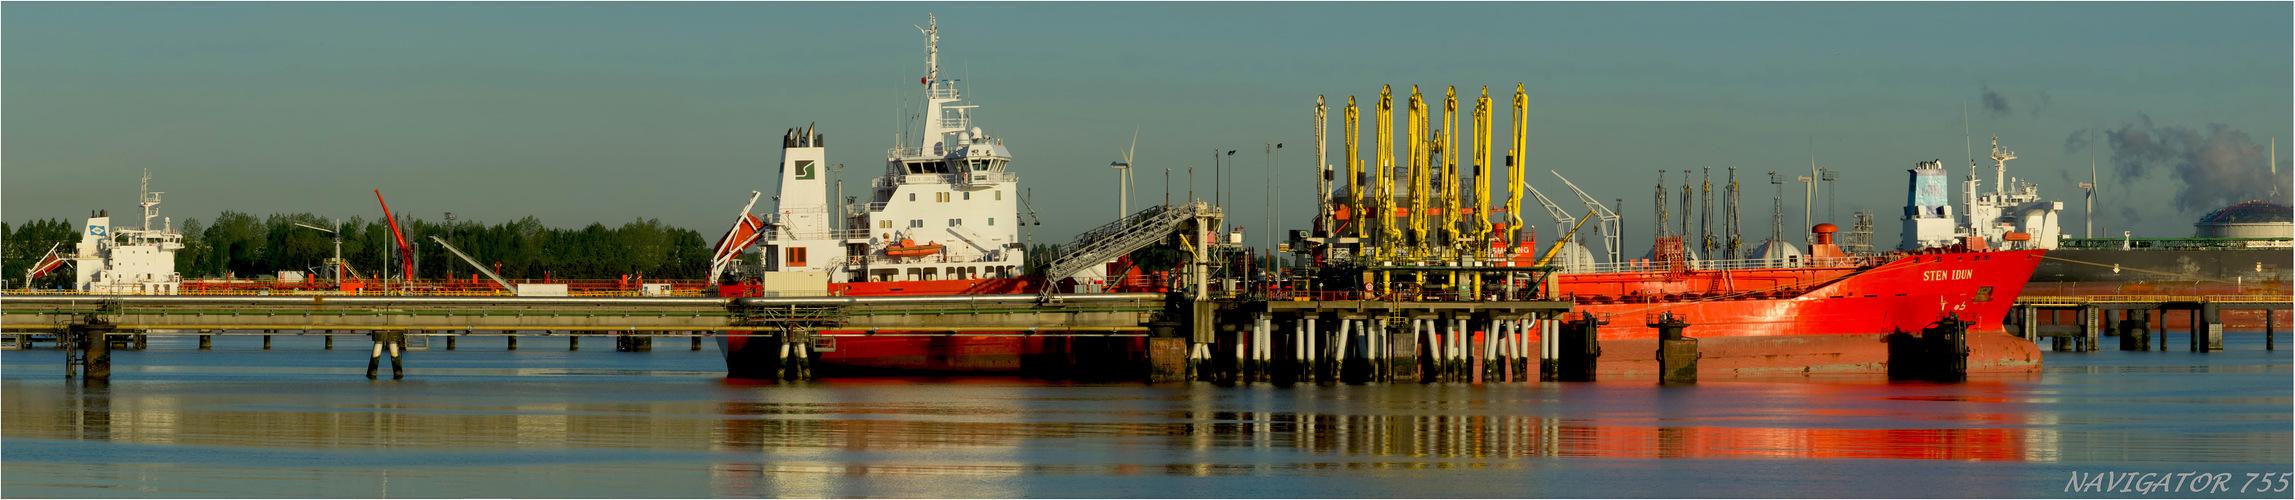 Sten Idun / Oil Tanker / Calandkanal - Rotterdam / Bitte scrollen!